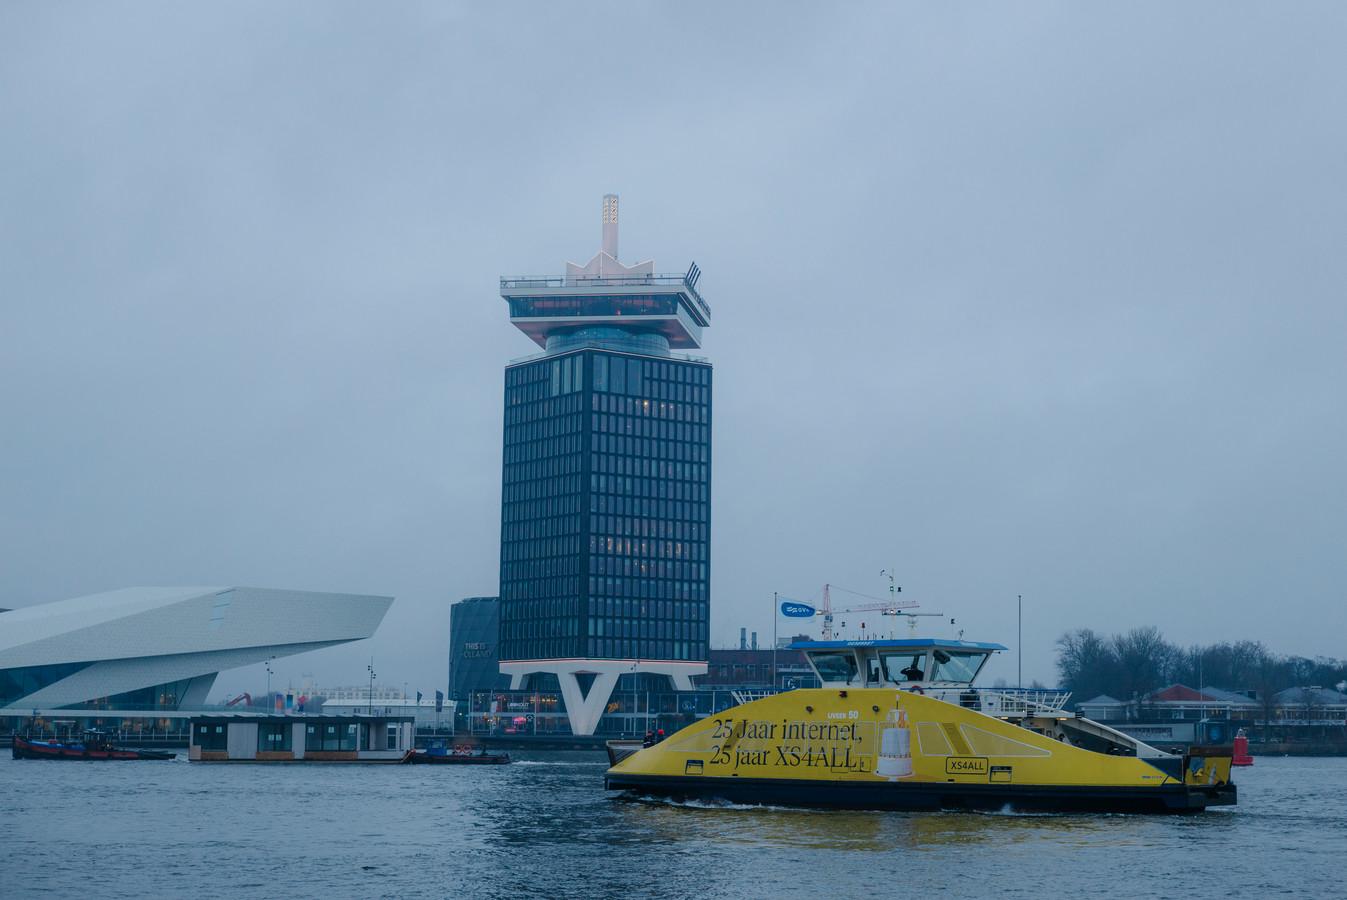 Reclame van XS4All op één van de veerponten op het Amsterdamse IJ